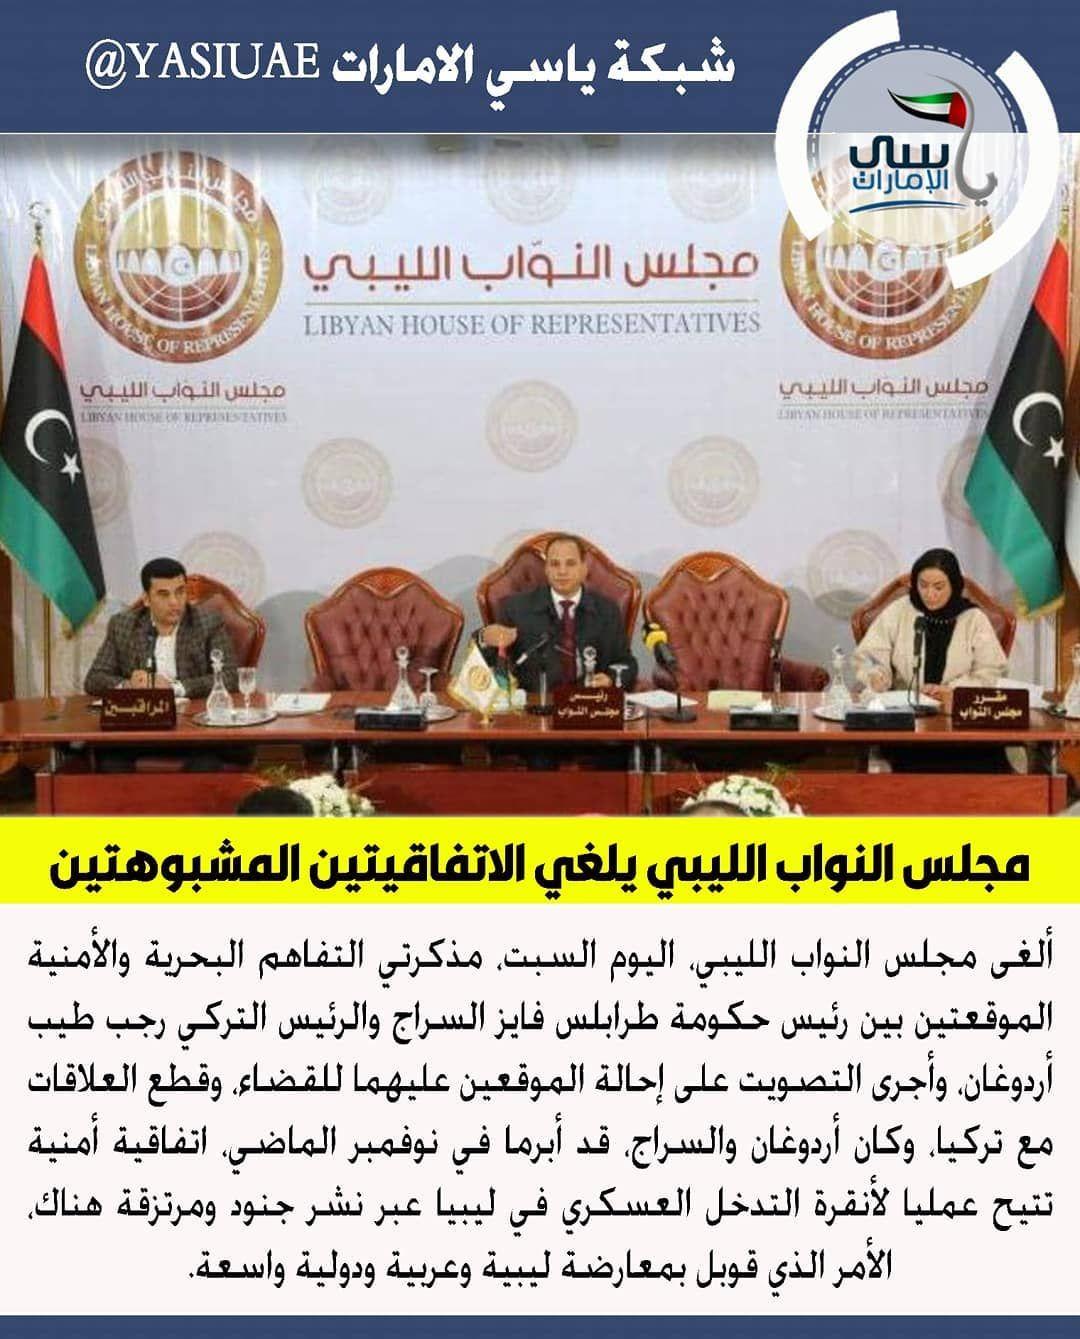 ليبيا مجلس النواب الليبي يلغي الاتفاقيتين المشبوهتين ويحيل السراج للقضاء ياسي الامارات شبكة ياسي الامارات House Of Representatives Libyan